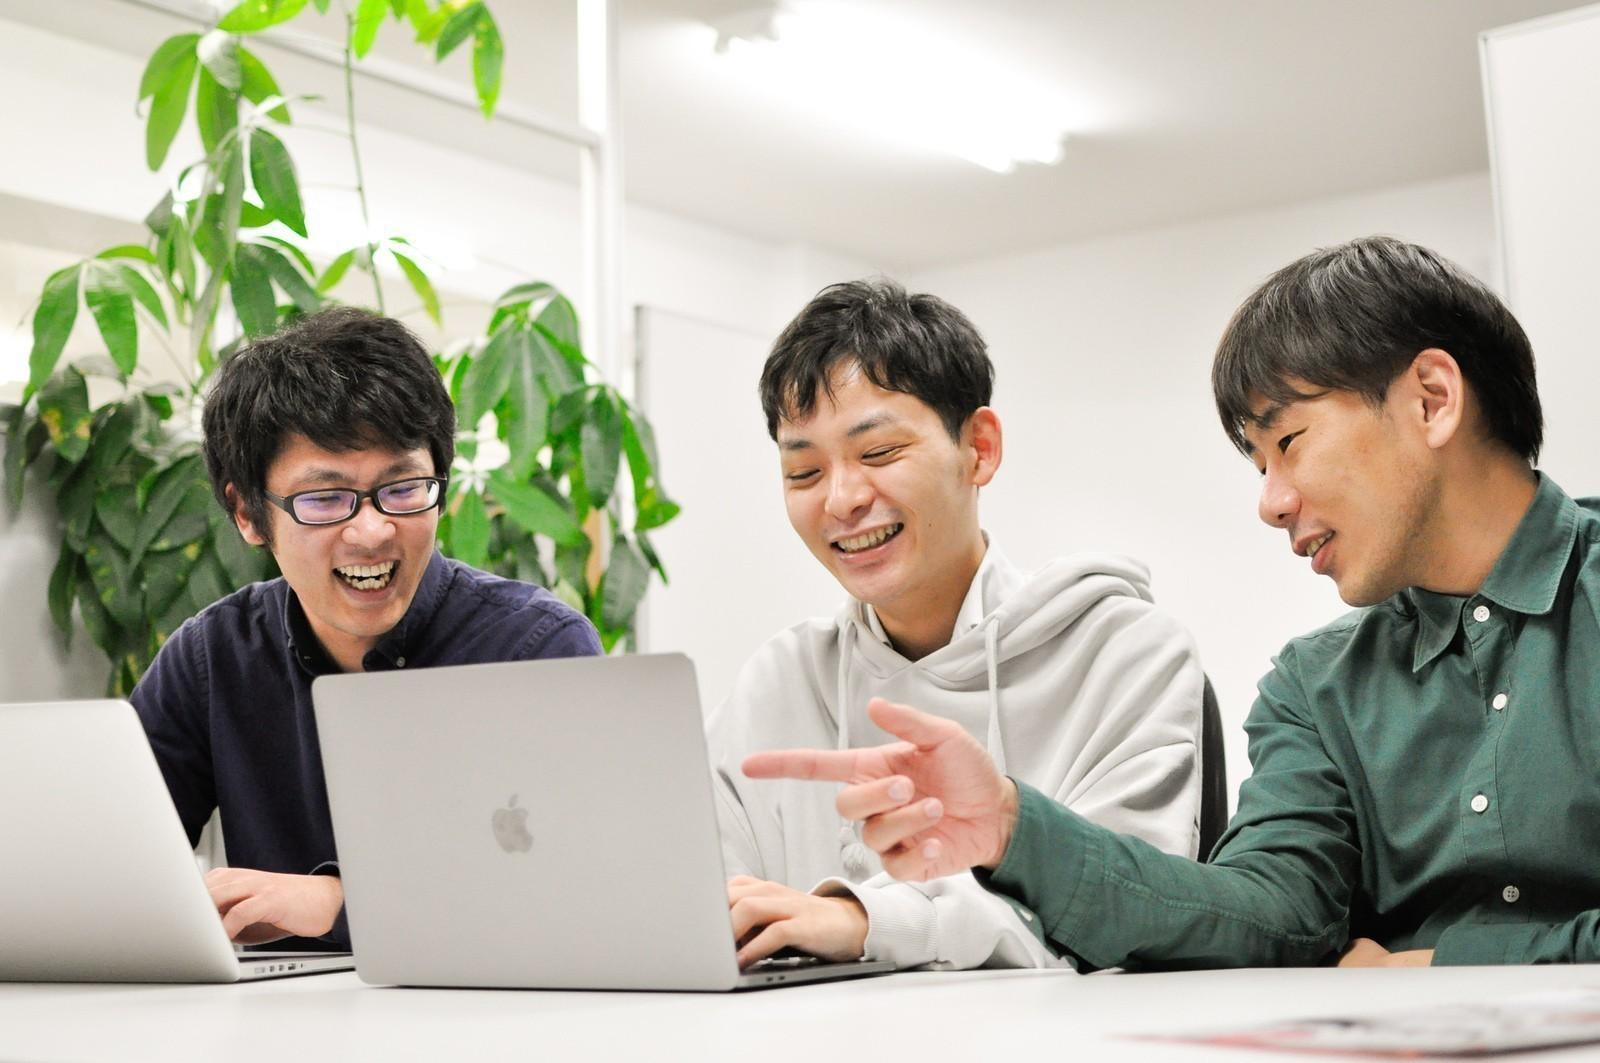 <Ruby on Rails>Ruby Biz特別賞受賞!建築業界変革に挑む自社サービスのサーバサイドエンジニア募集!